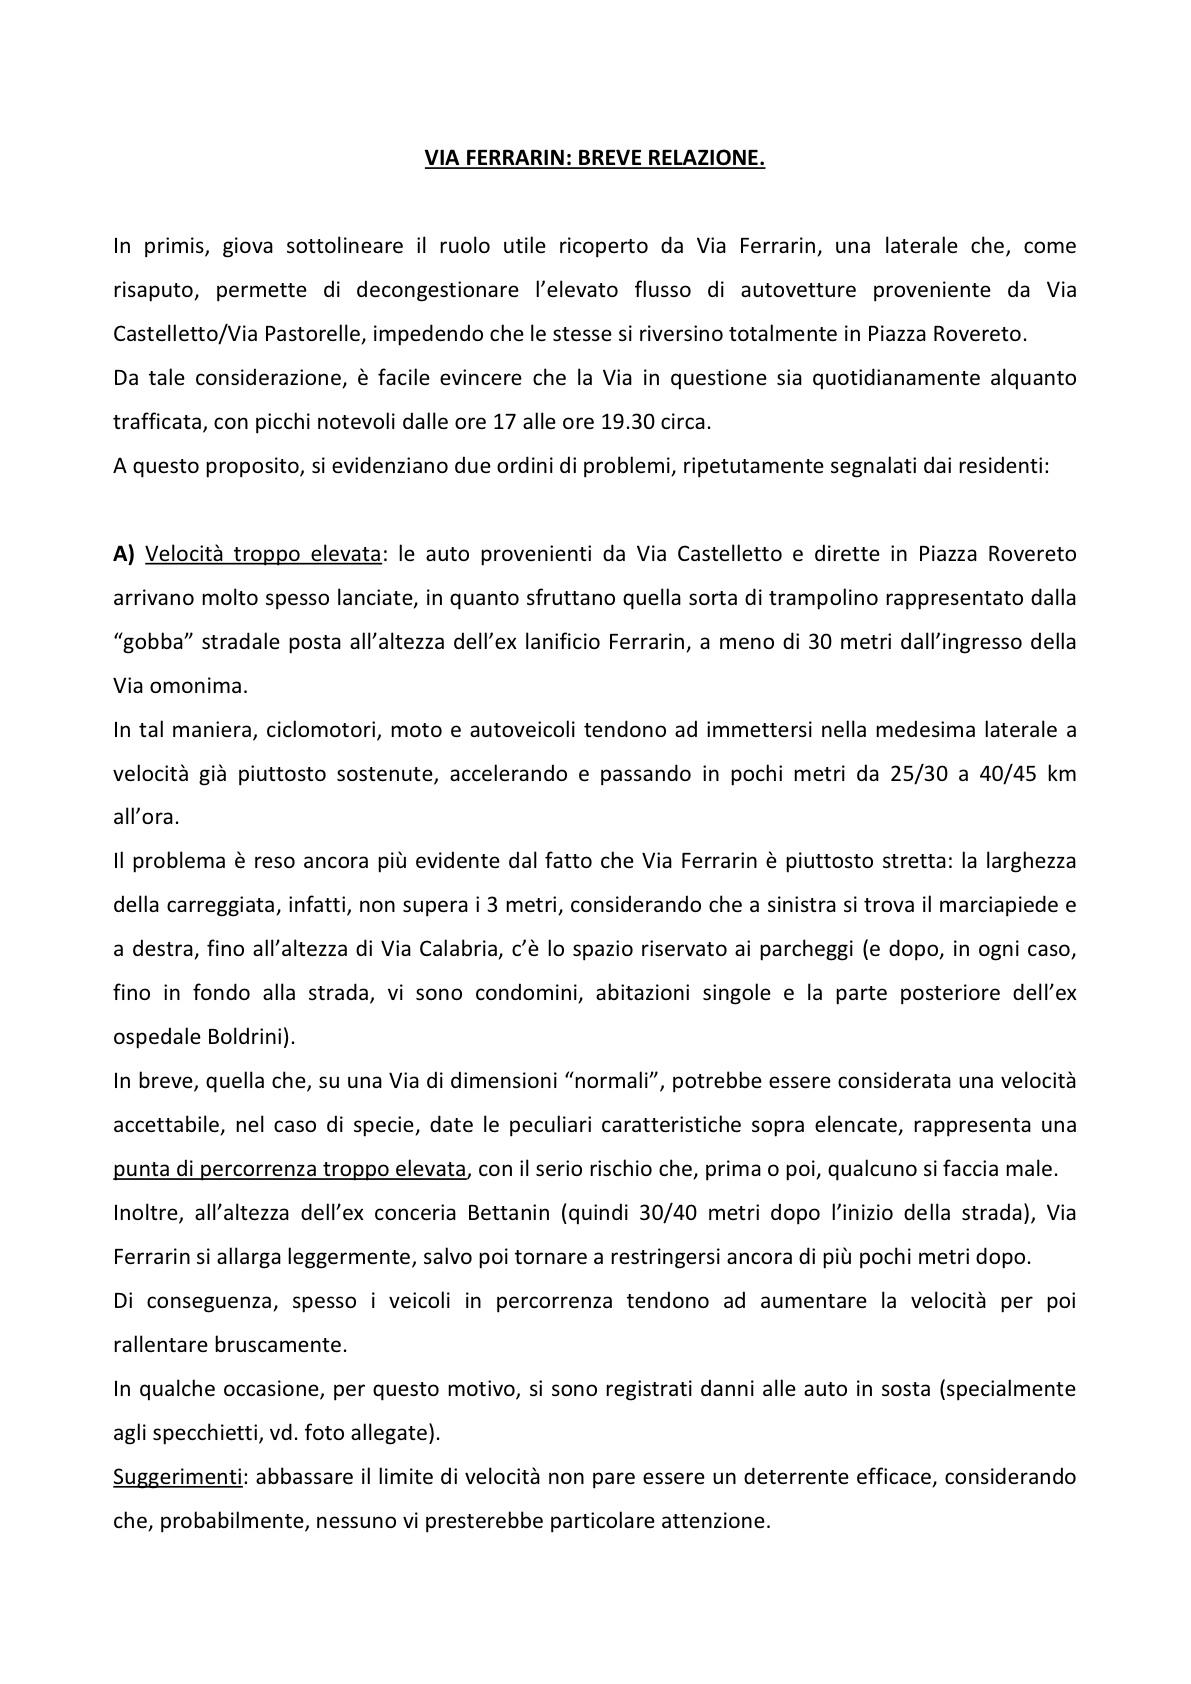 Relazione Via Ferrarin1